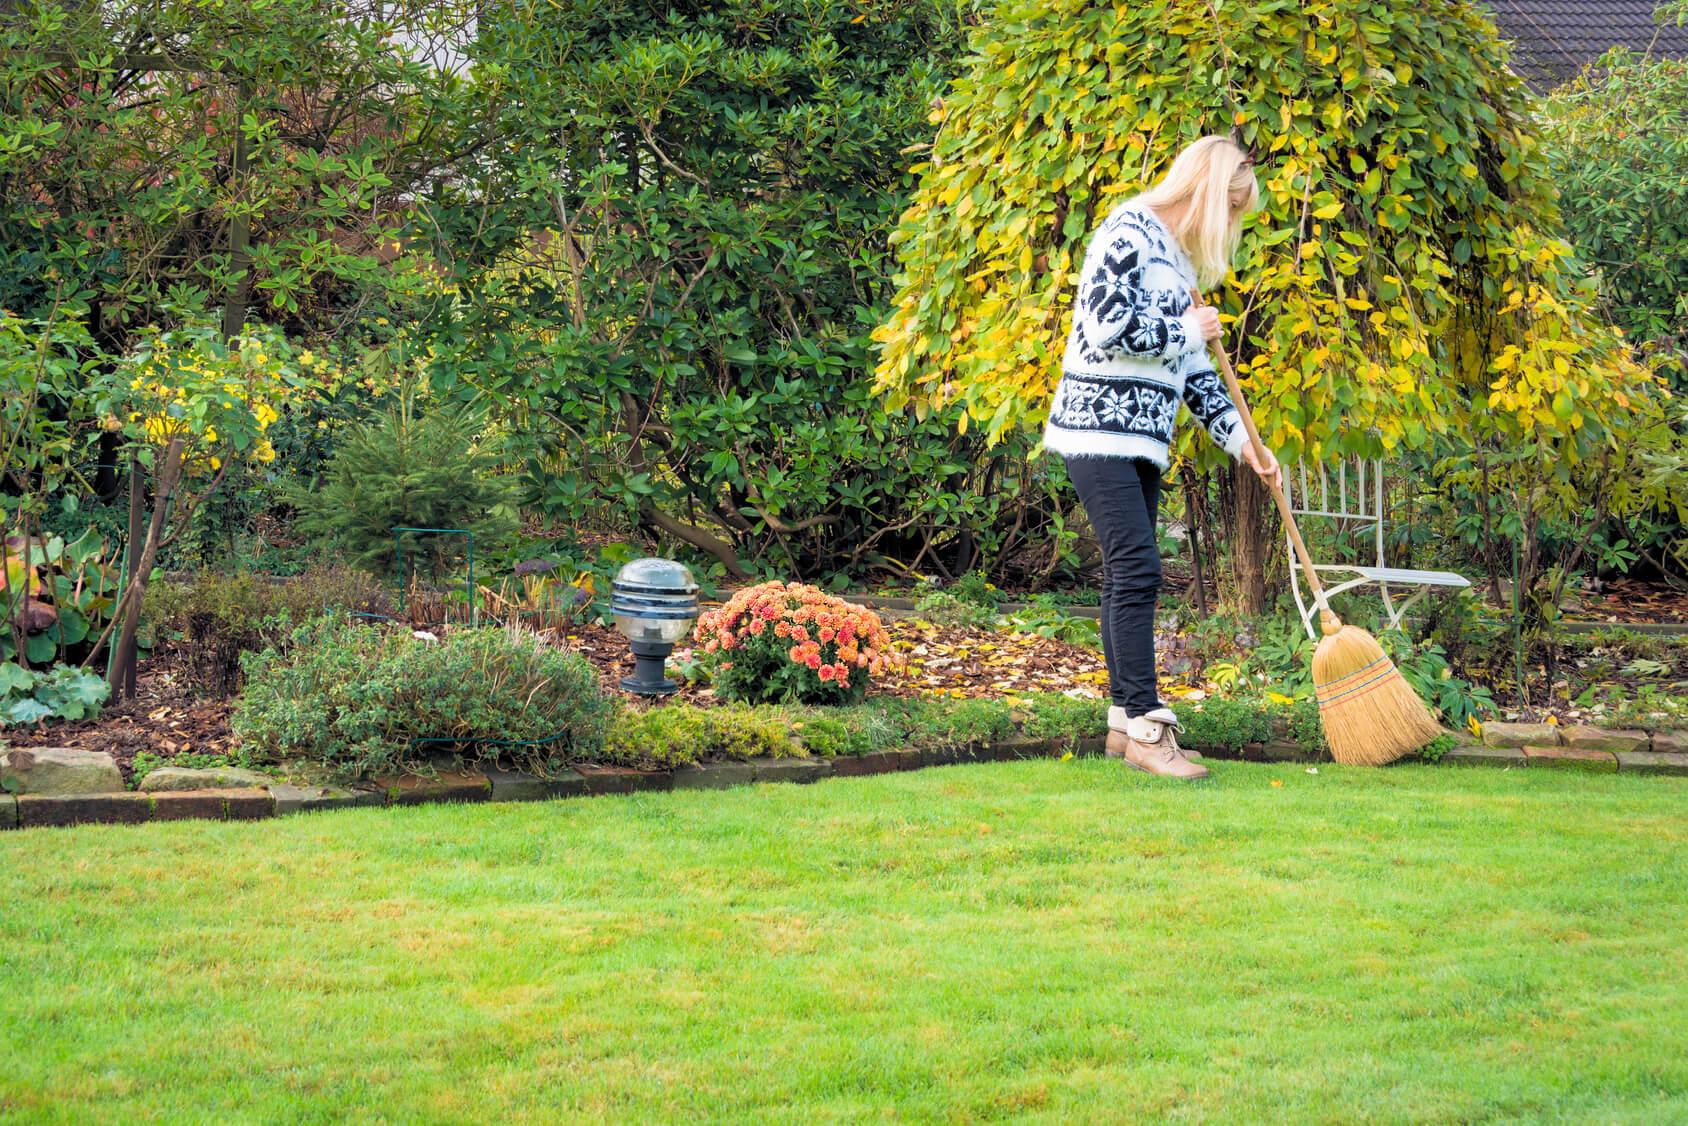 Außergewöhnlich Letzte Arbeiten im Herbstgarten: Das dürfen Sie nicht vergessen @YM_46